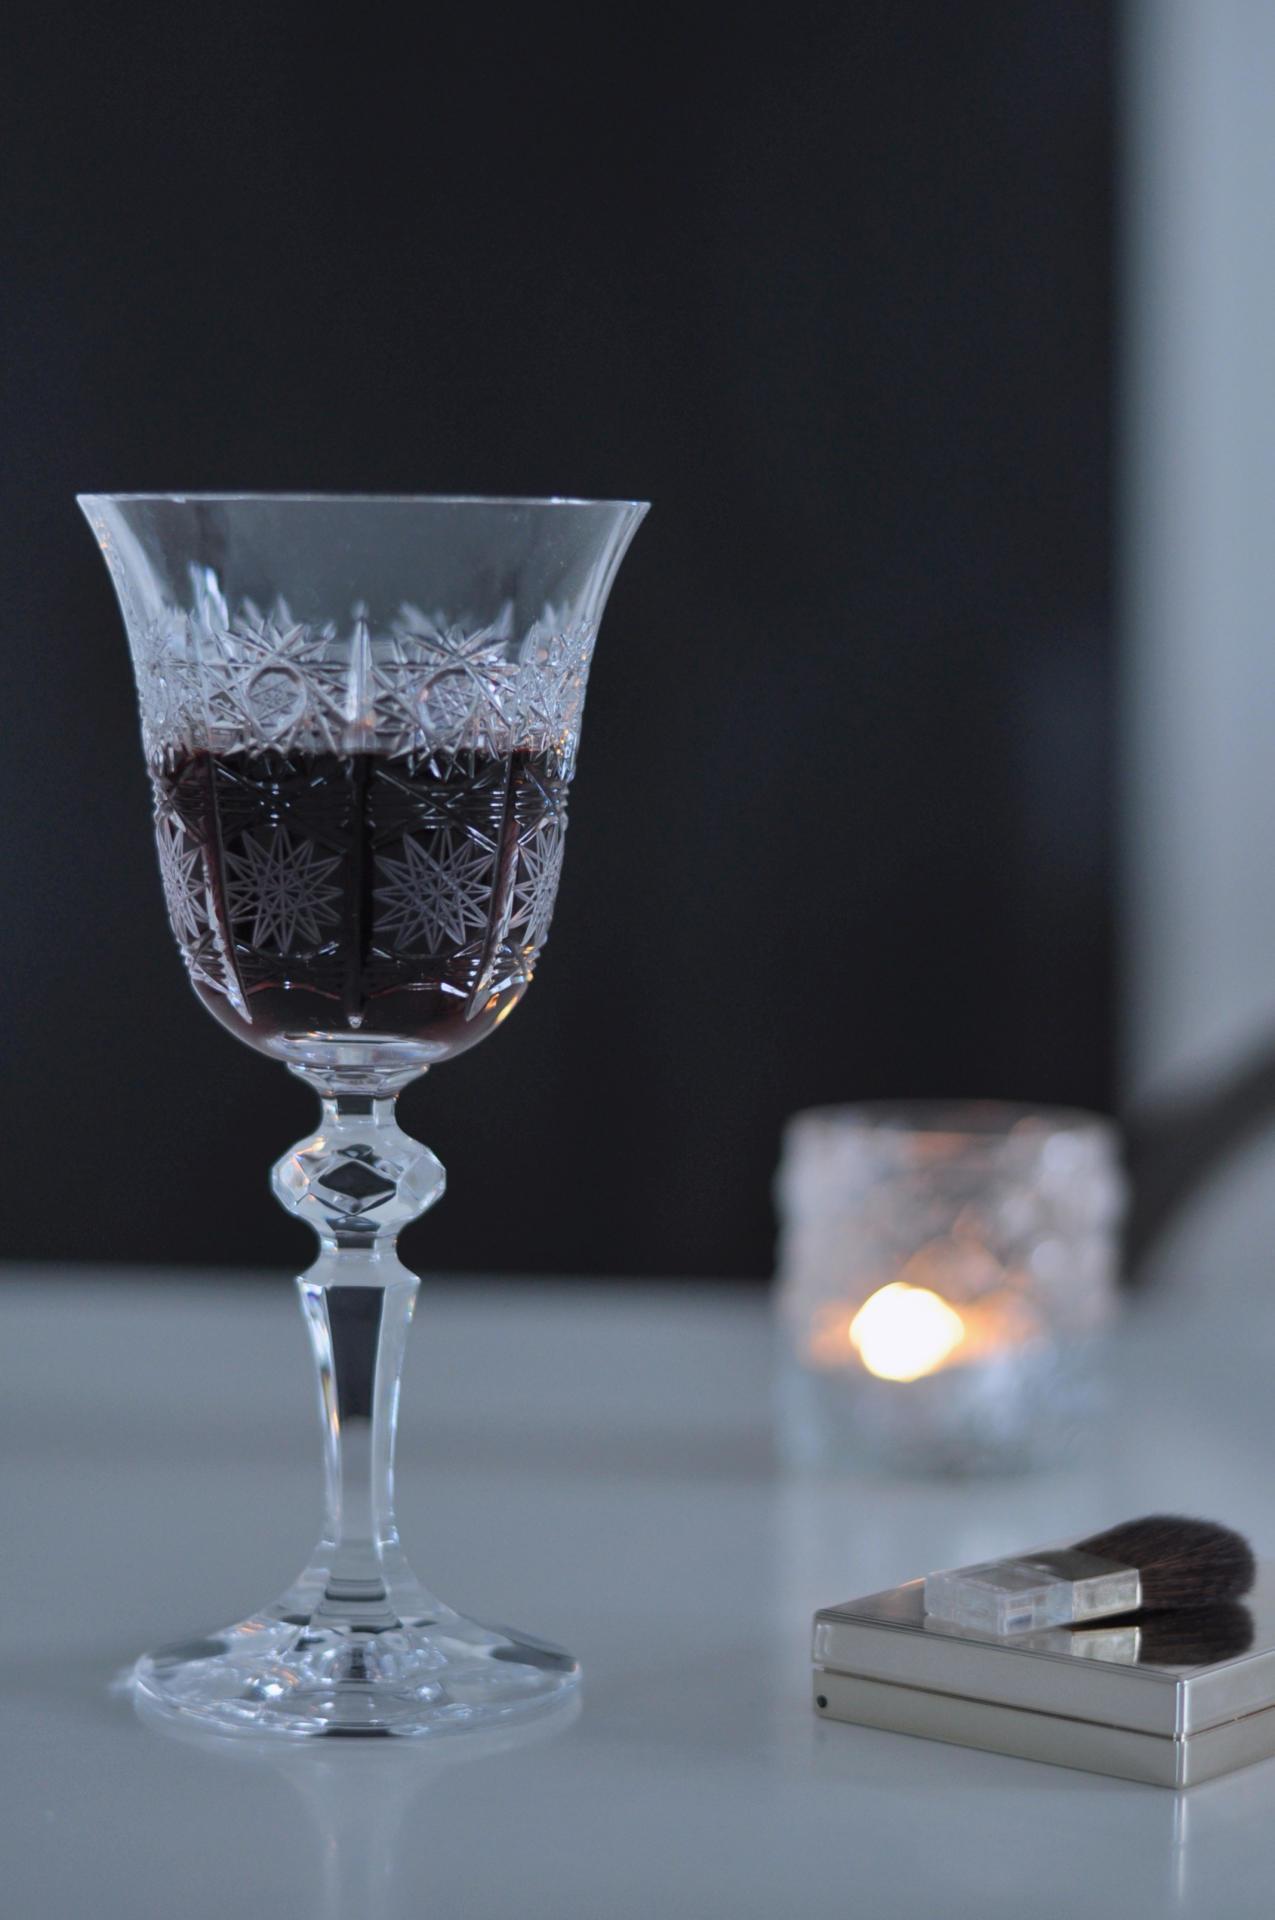 CRYSTAL BOHEMIA Broušená křišťálová sklenice na víno Crystal BOHEMIA 1,5 dcl, čirá barva, sklo